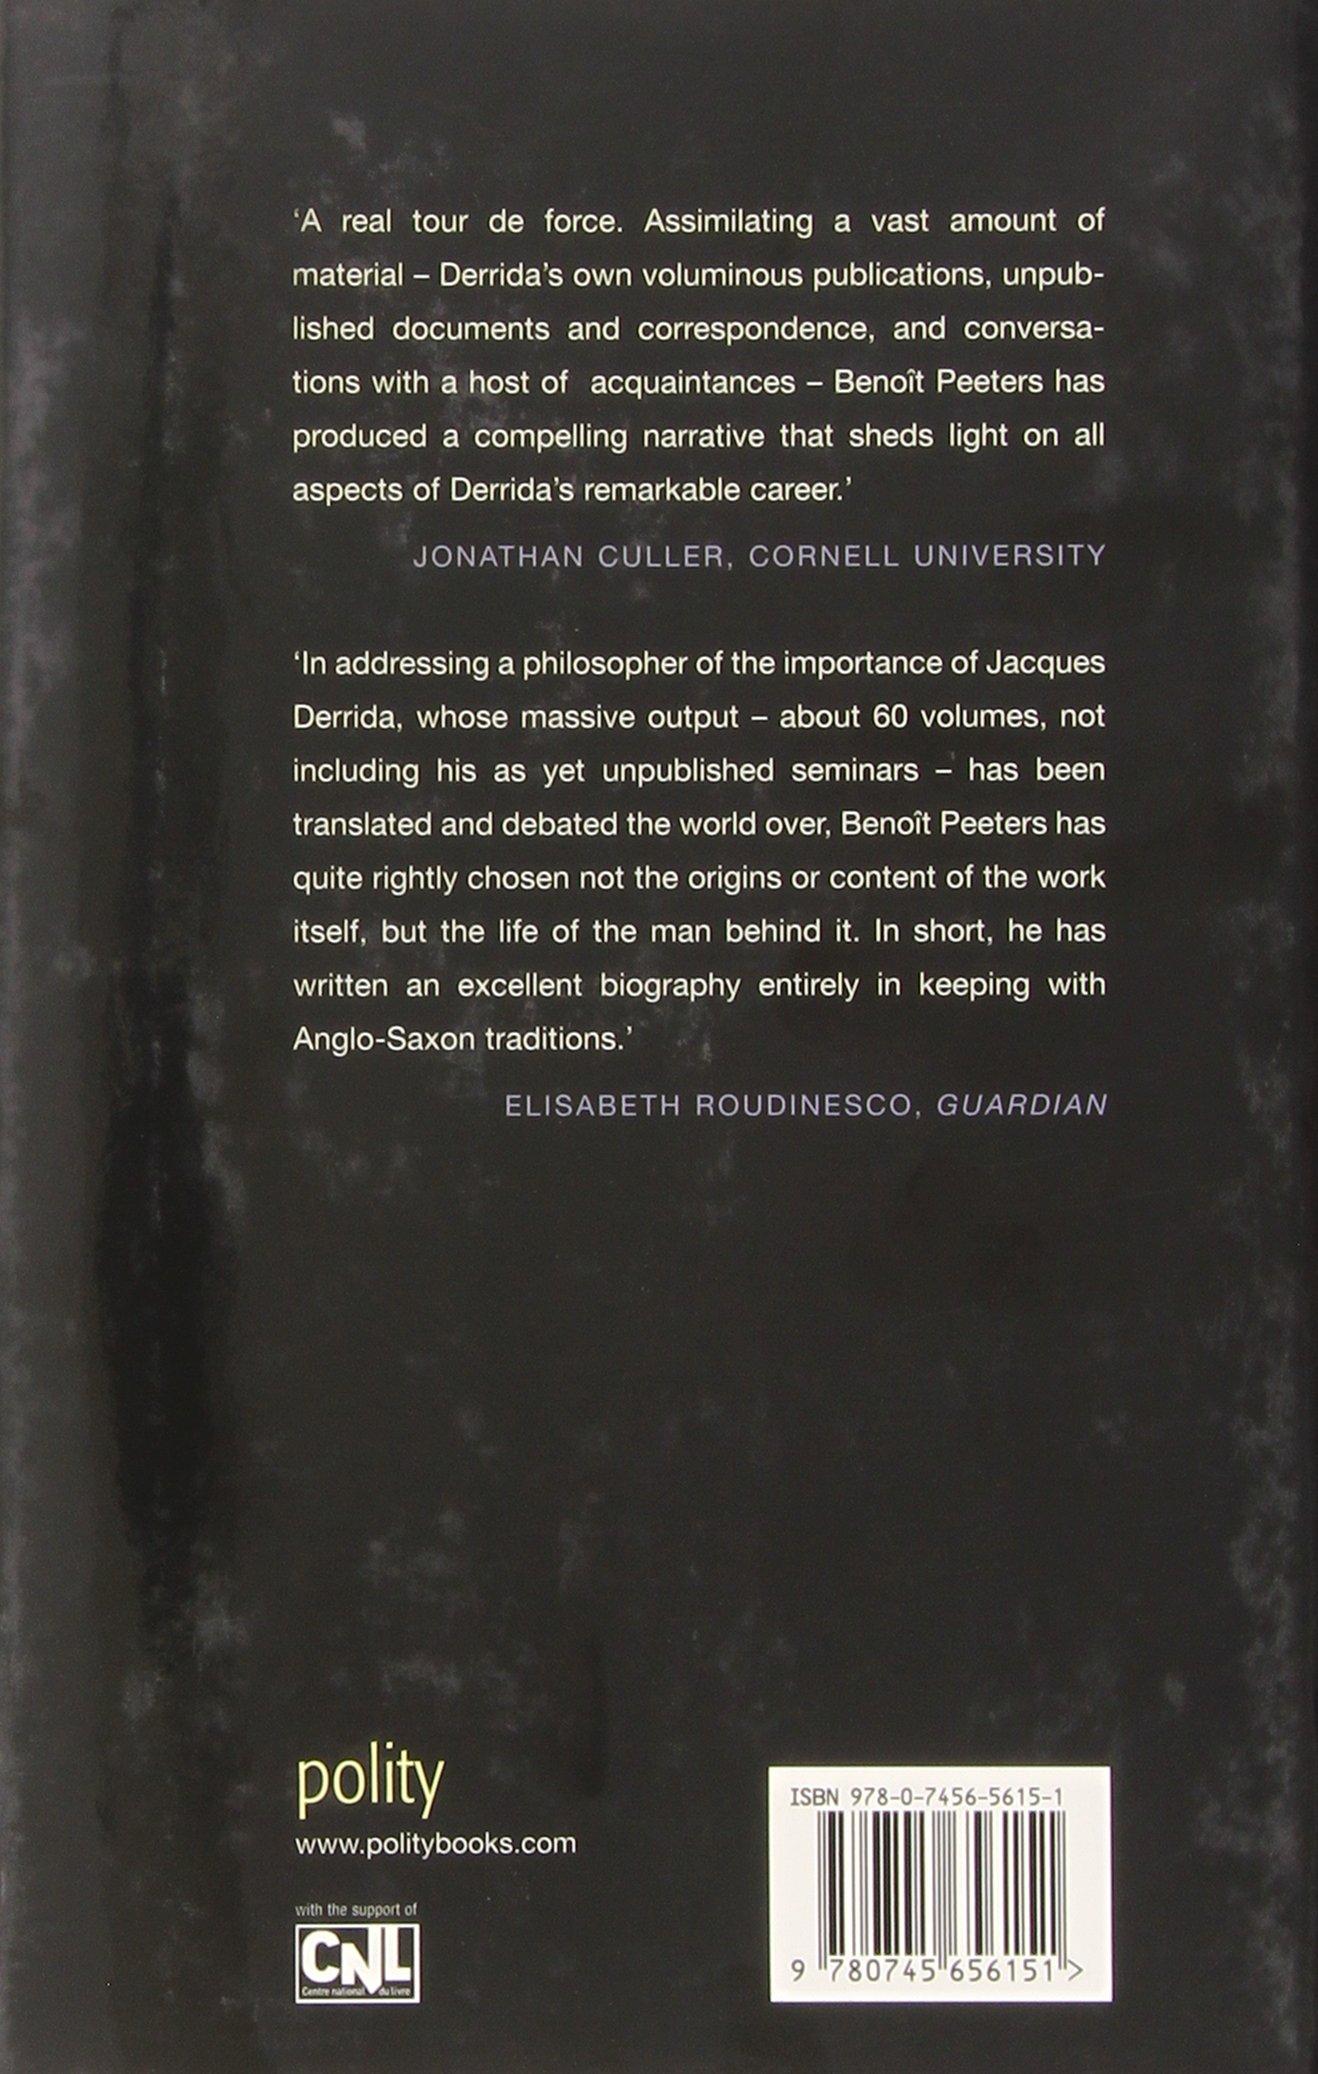 biographies of hegemony